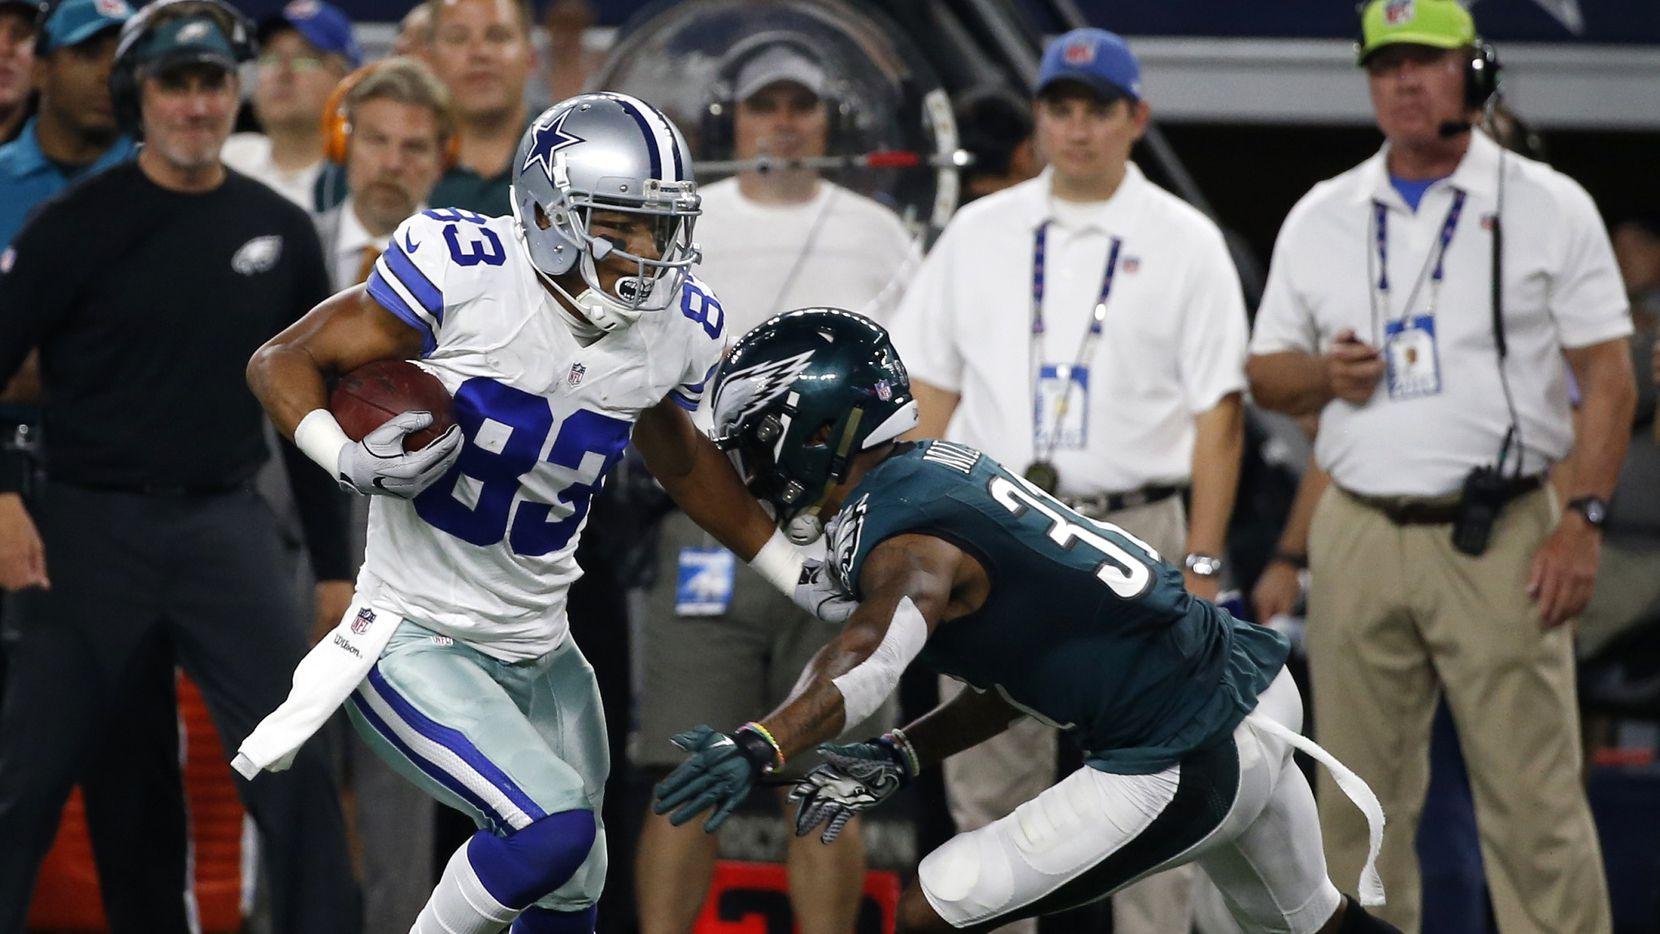 Terrance Williams y los Cowboys se enfrentaron a los Eagles el domingo en Arlington. Foto AP